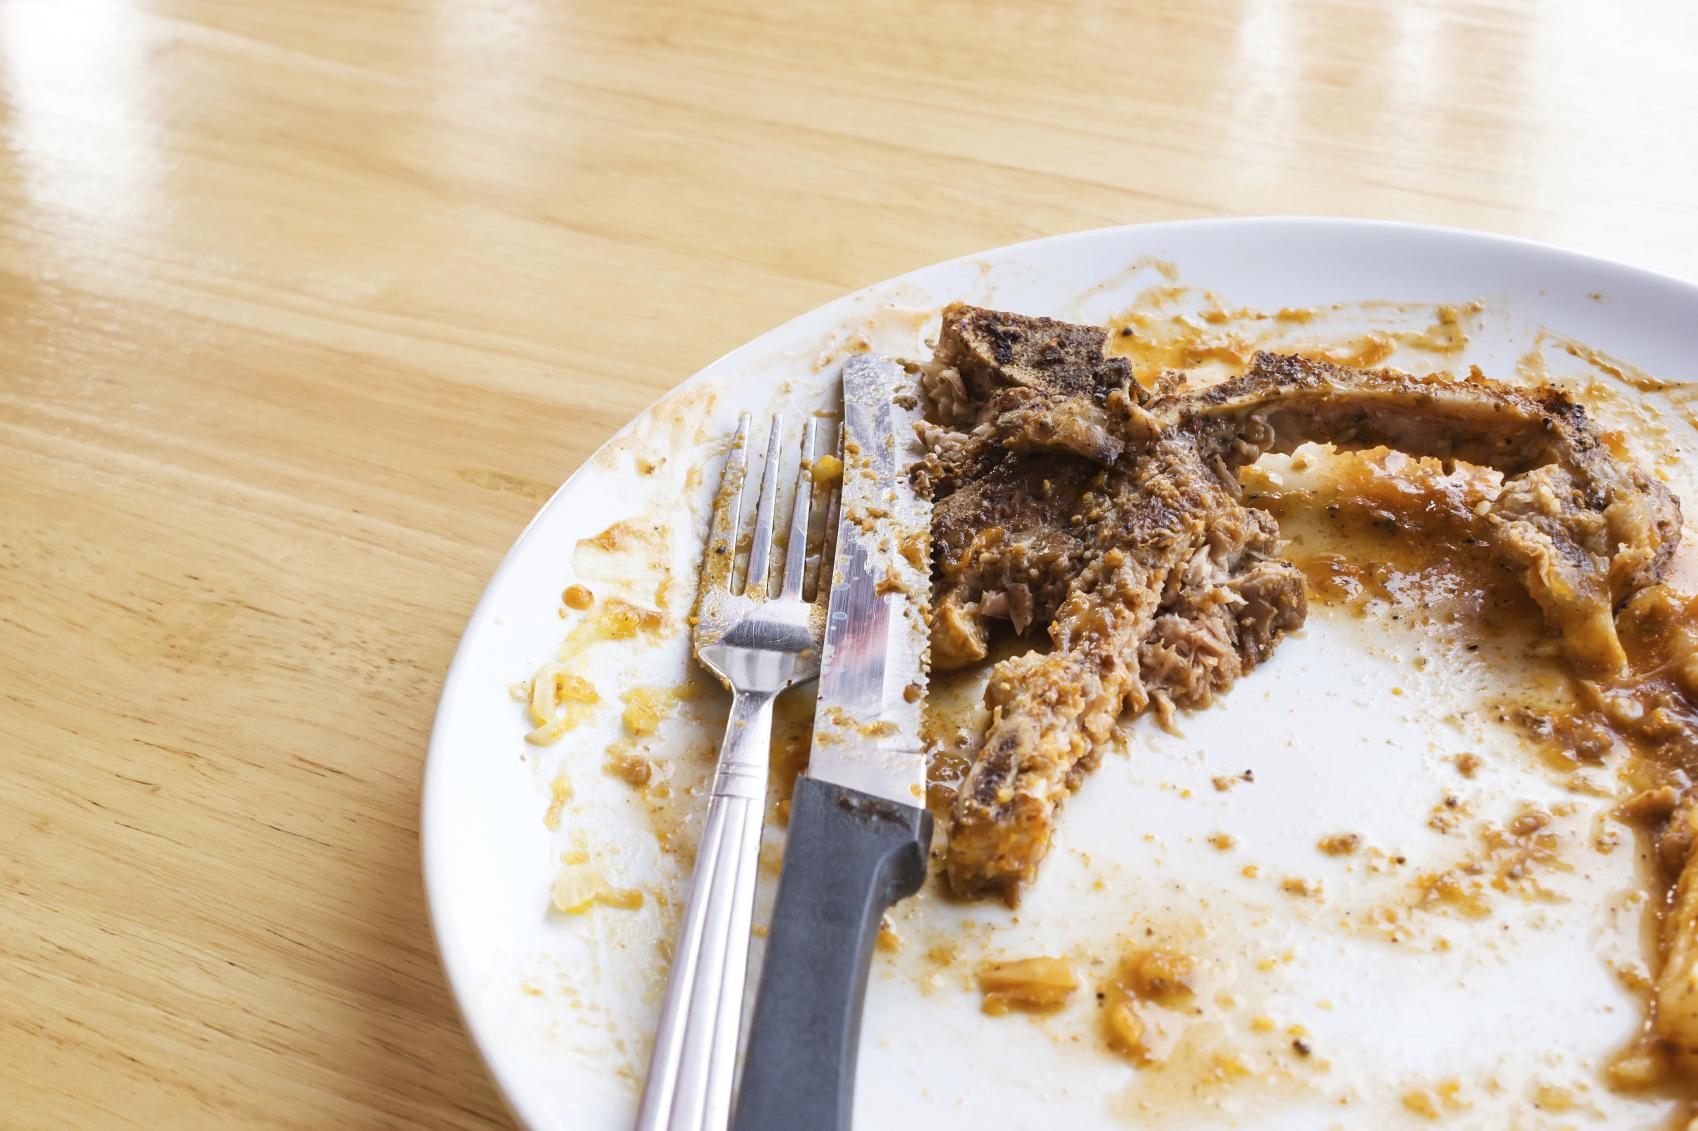 T-bone steak leftover on white plate.